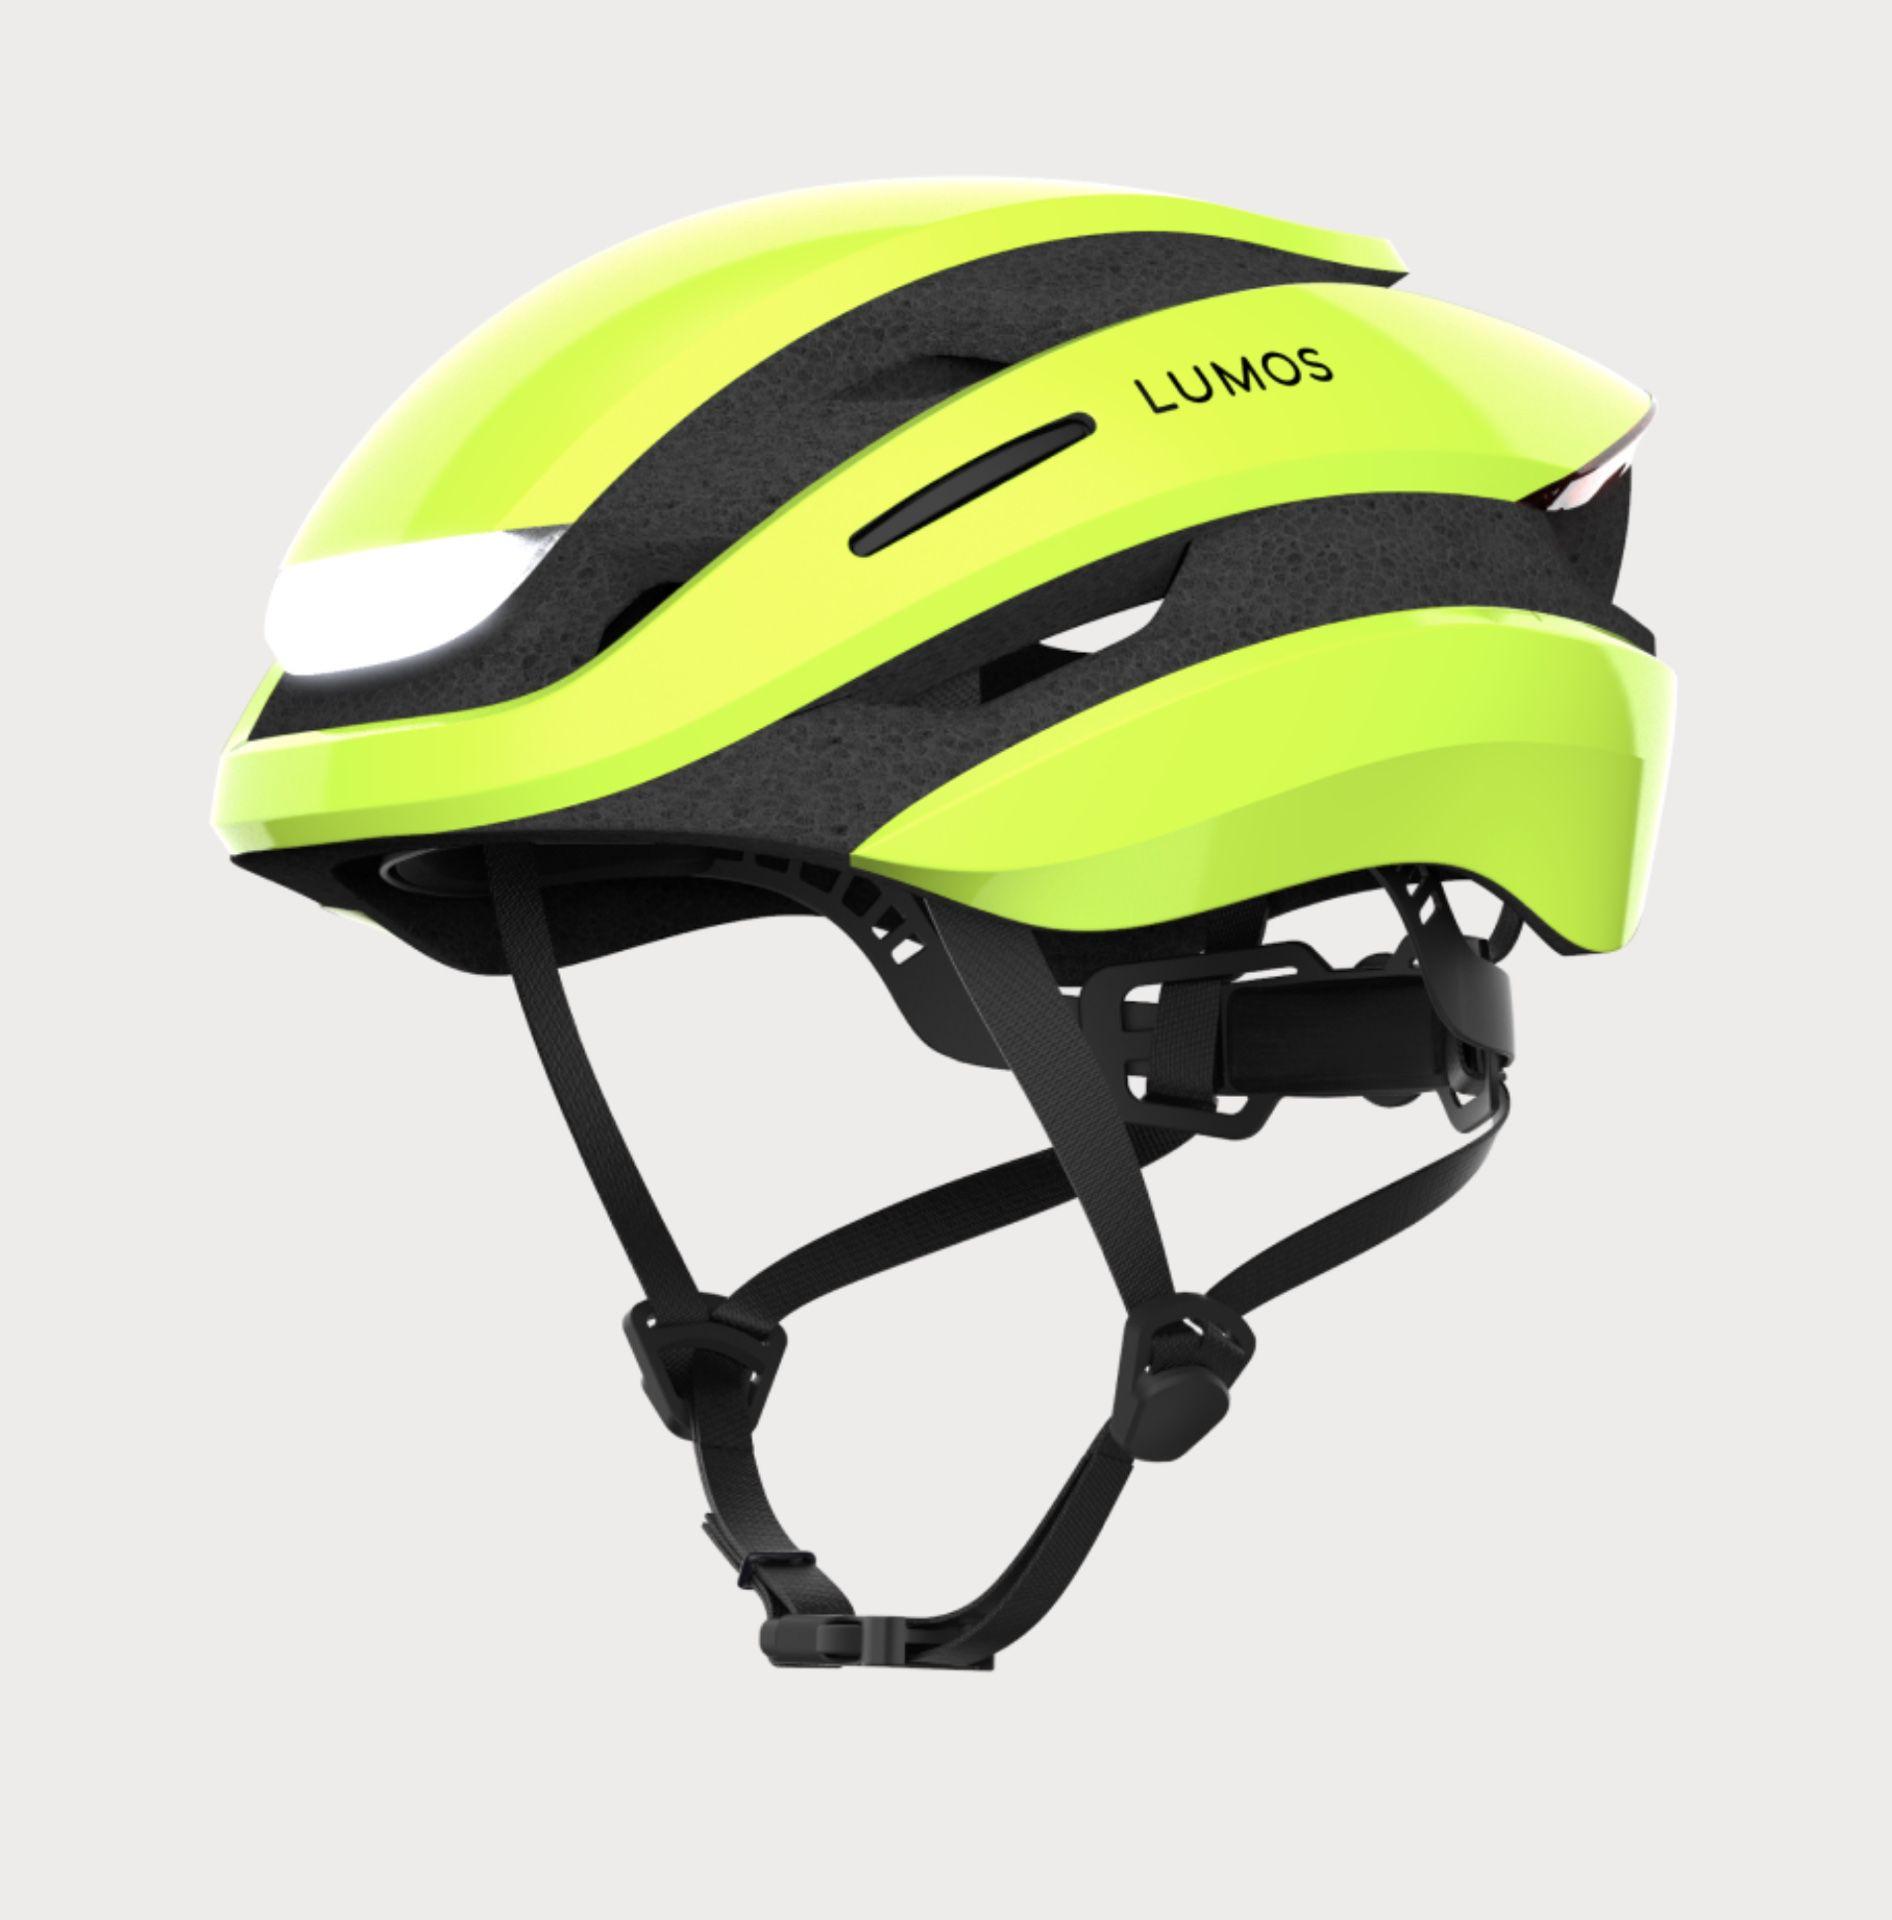 LUMUS ULTRA BICYCLE HELMET - NEW